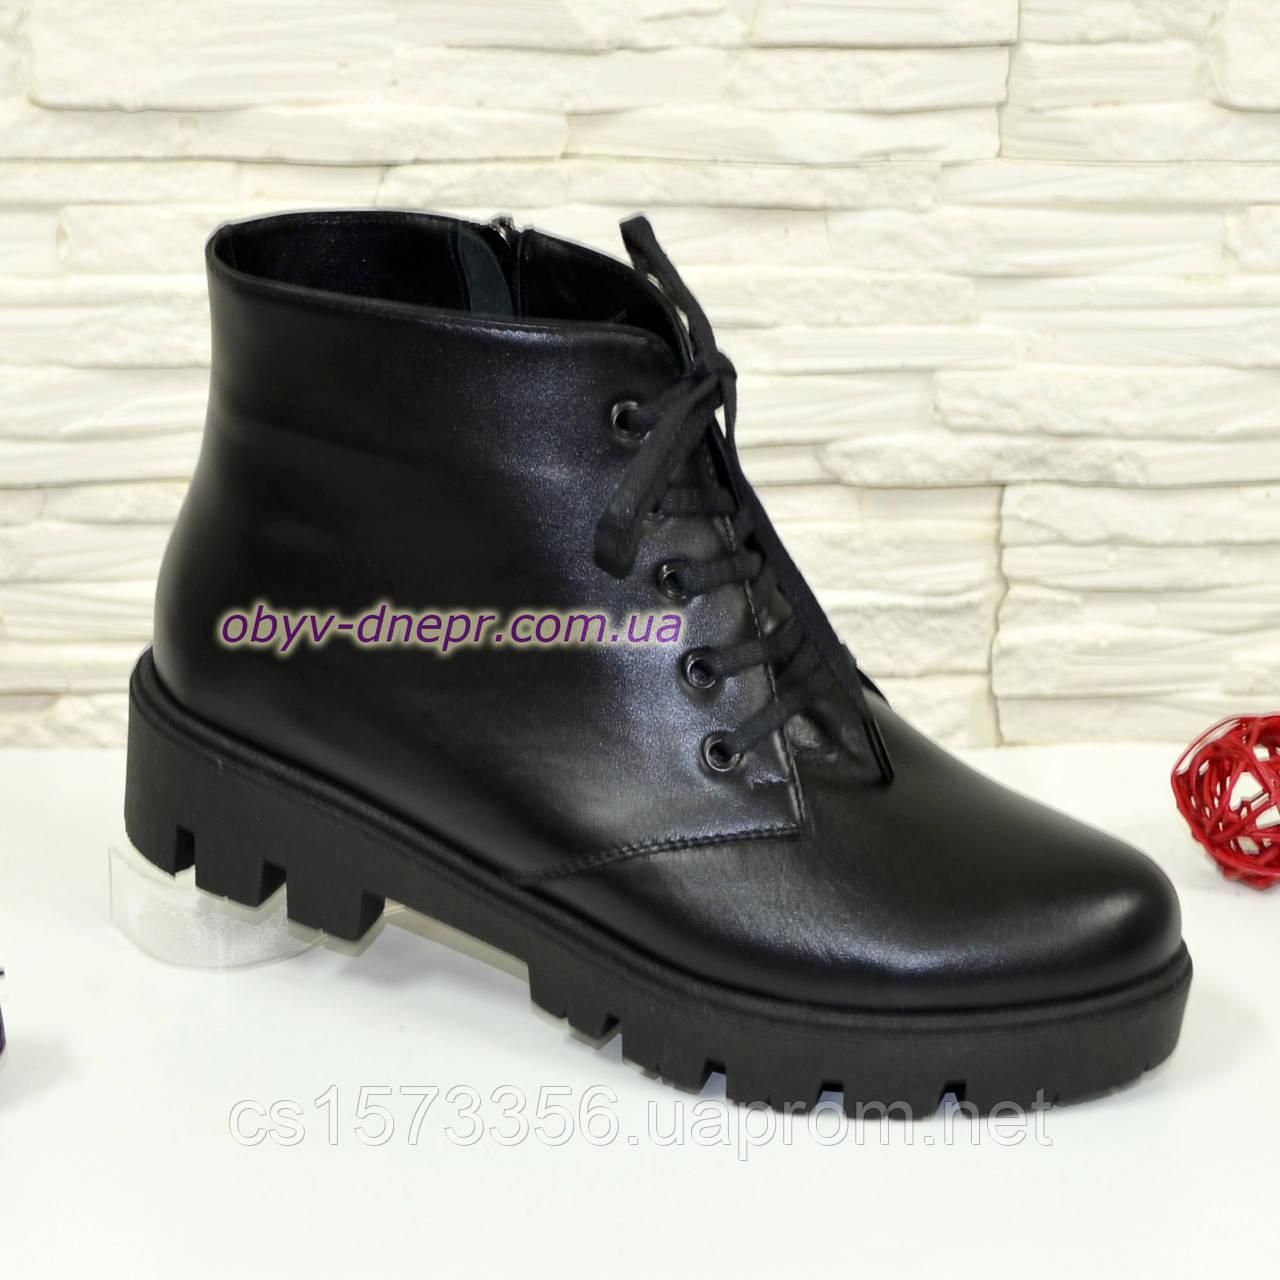 Ботинки демисезонные женские черные кожаные на шнуровке, утолщенная подошва.